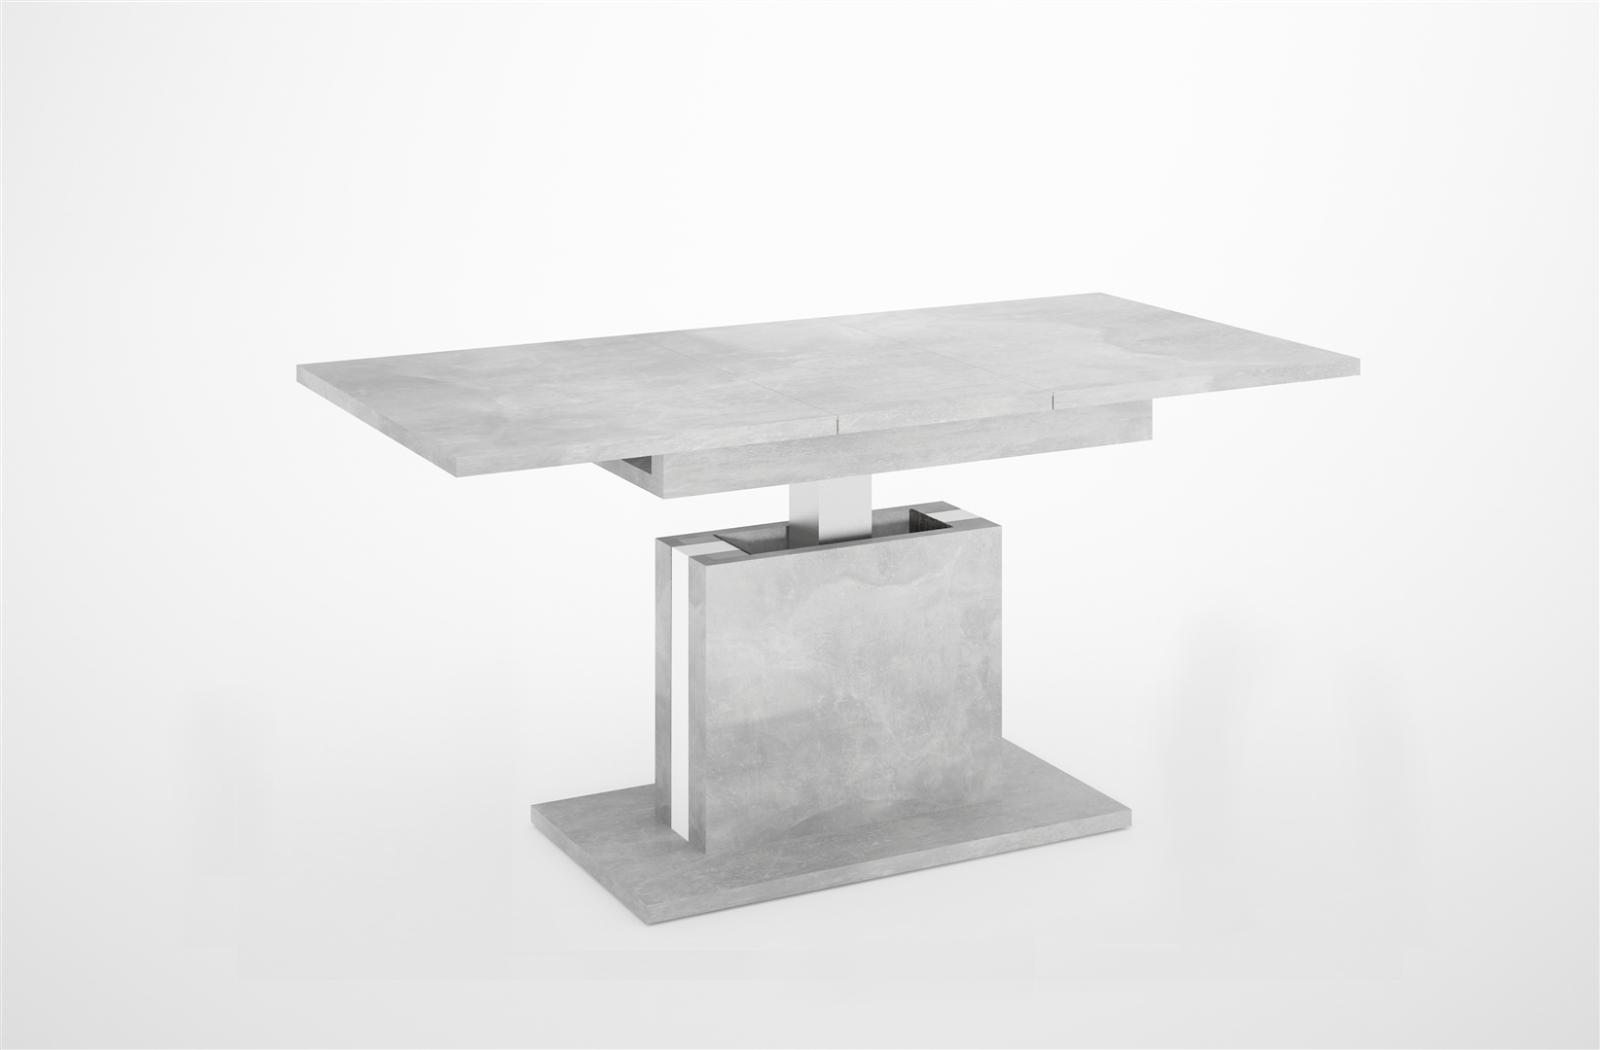 couchtisch ferrara wohnzimmertisch beistelltisch tisch in beton ... - Designer Betonmoebel Innen Aussen